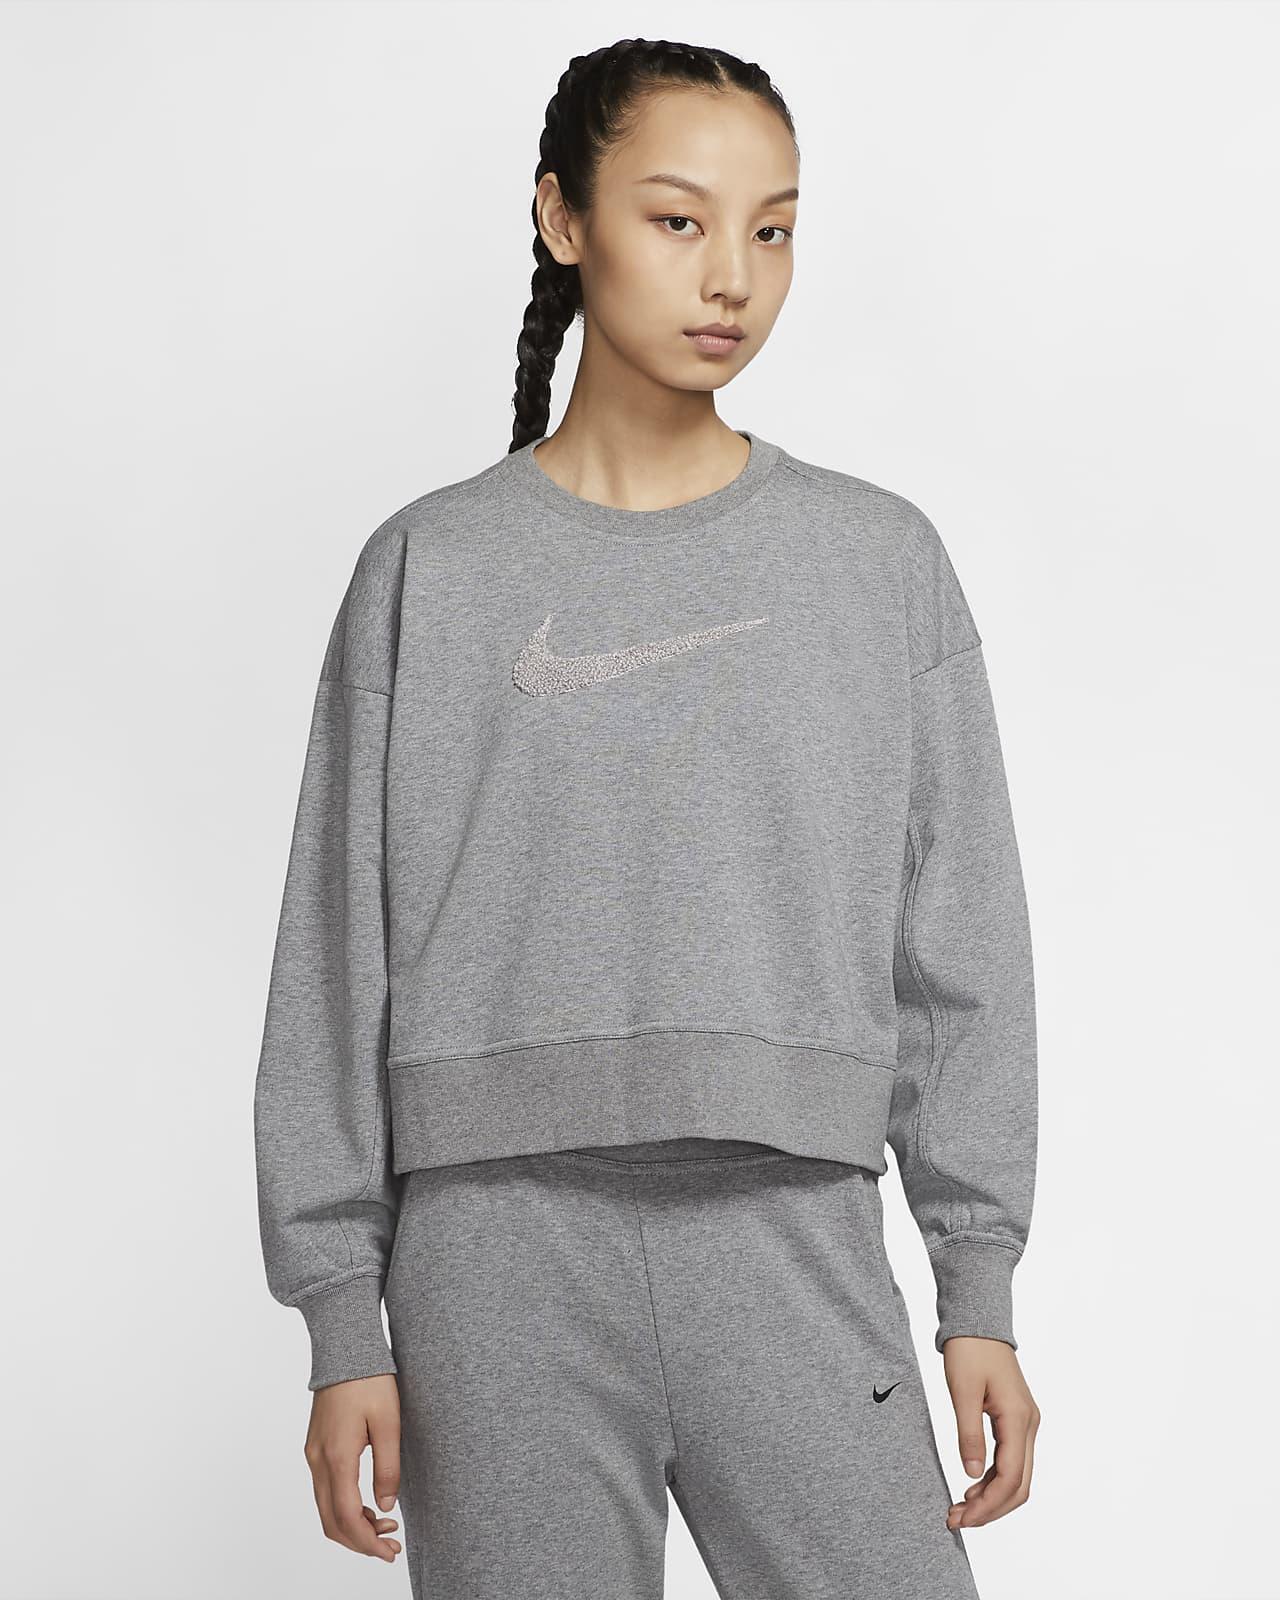 Nike Dri-FIT Get Fit-Swoosh-træningstrøje med rund hals til kvinder